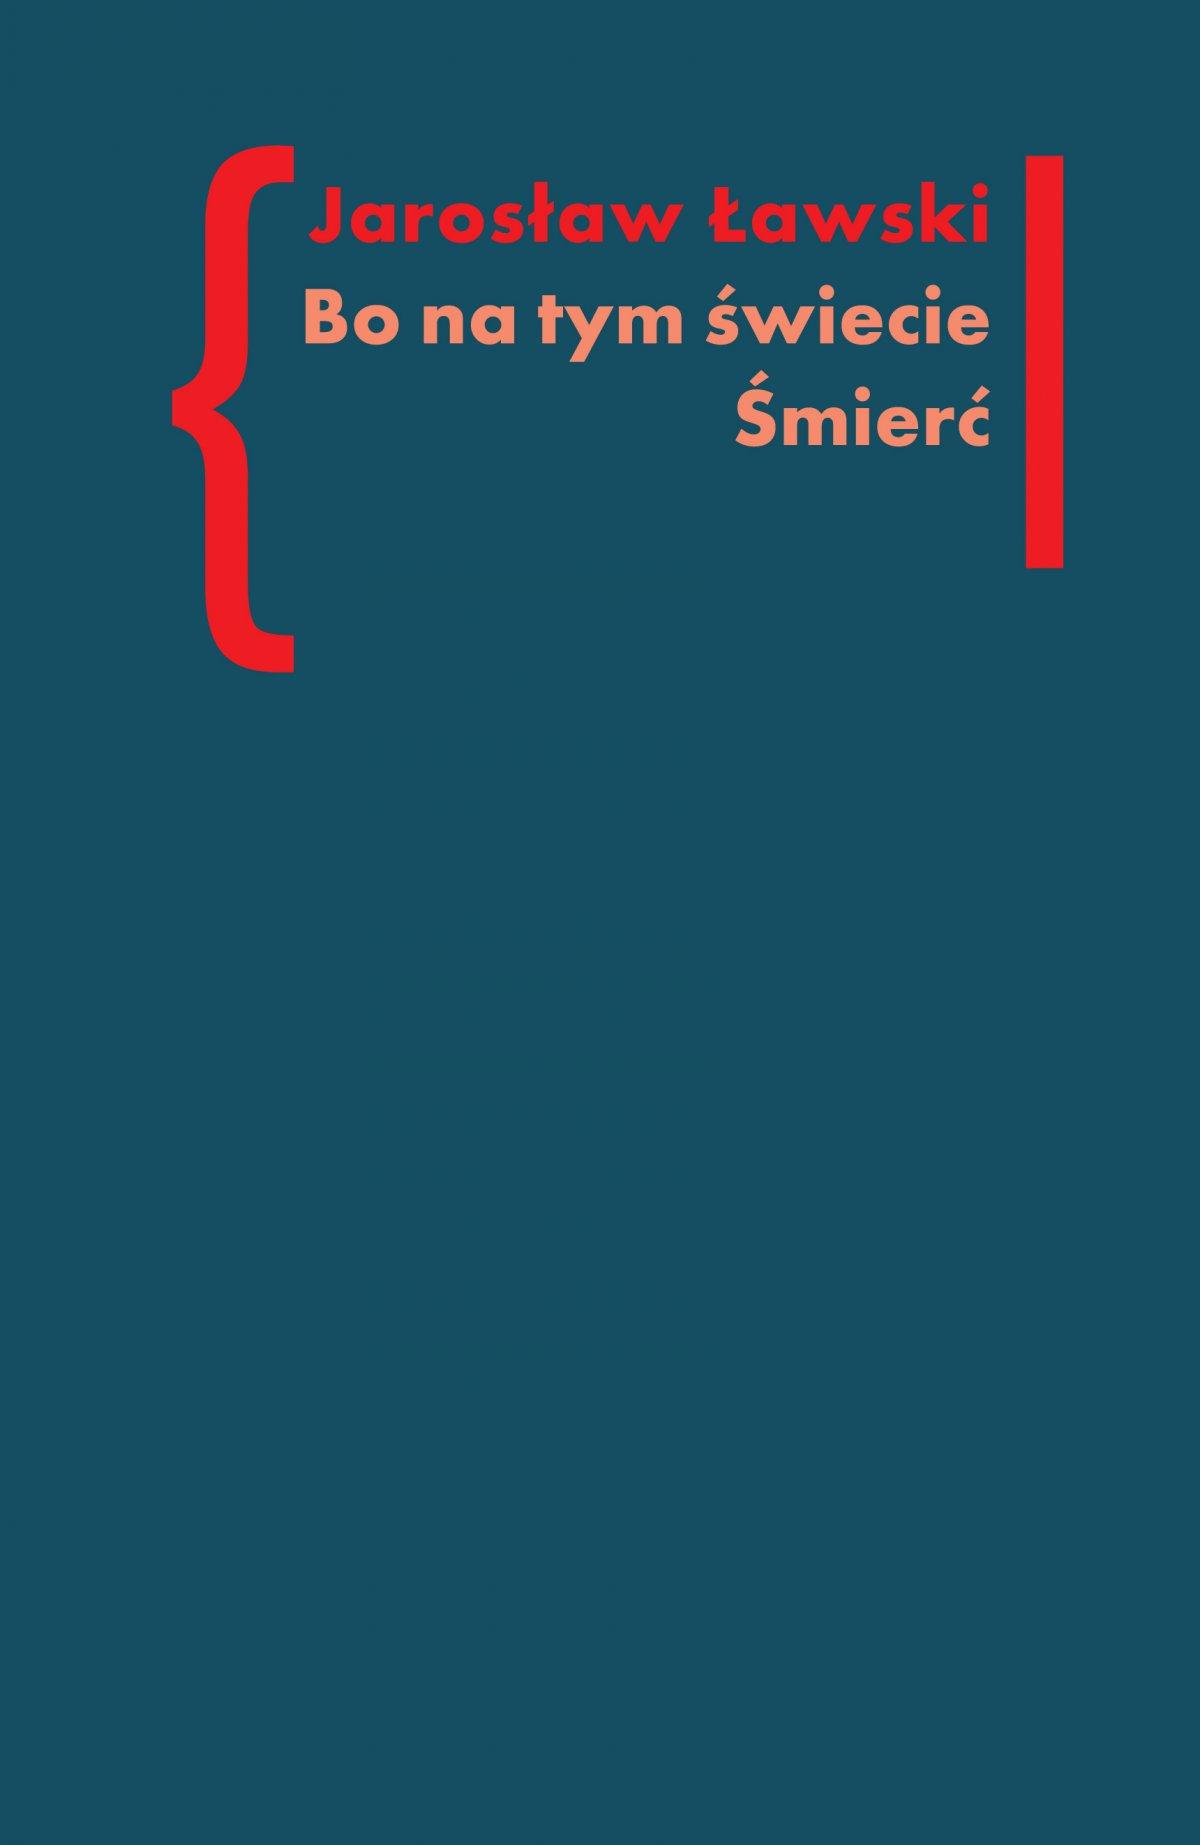 Bo na tym świecie śmierć. Studia o czarnym romantyzmie - Ebook (Książka na Kindle) do pobrania w formacie MOBI